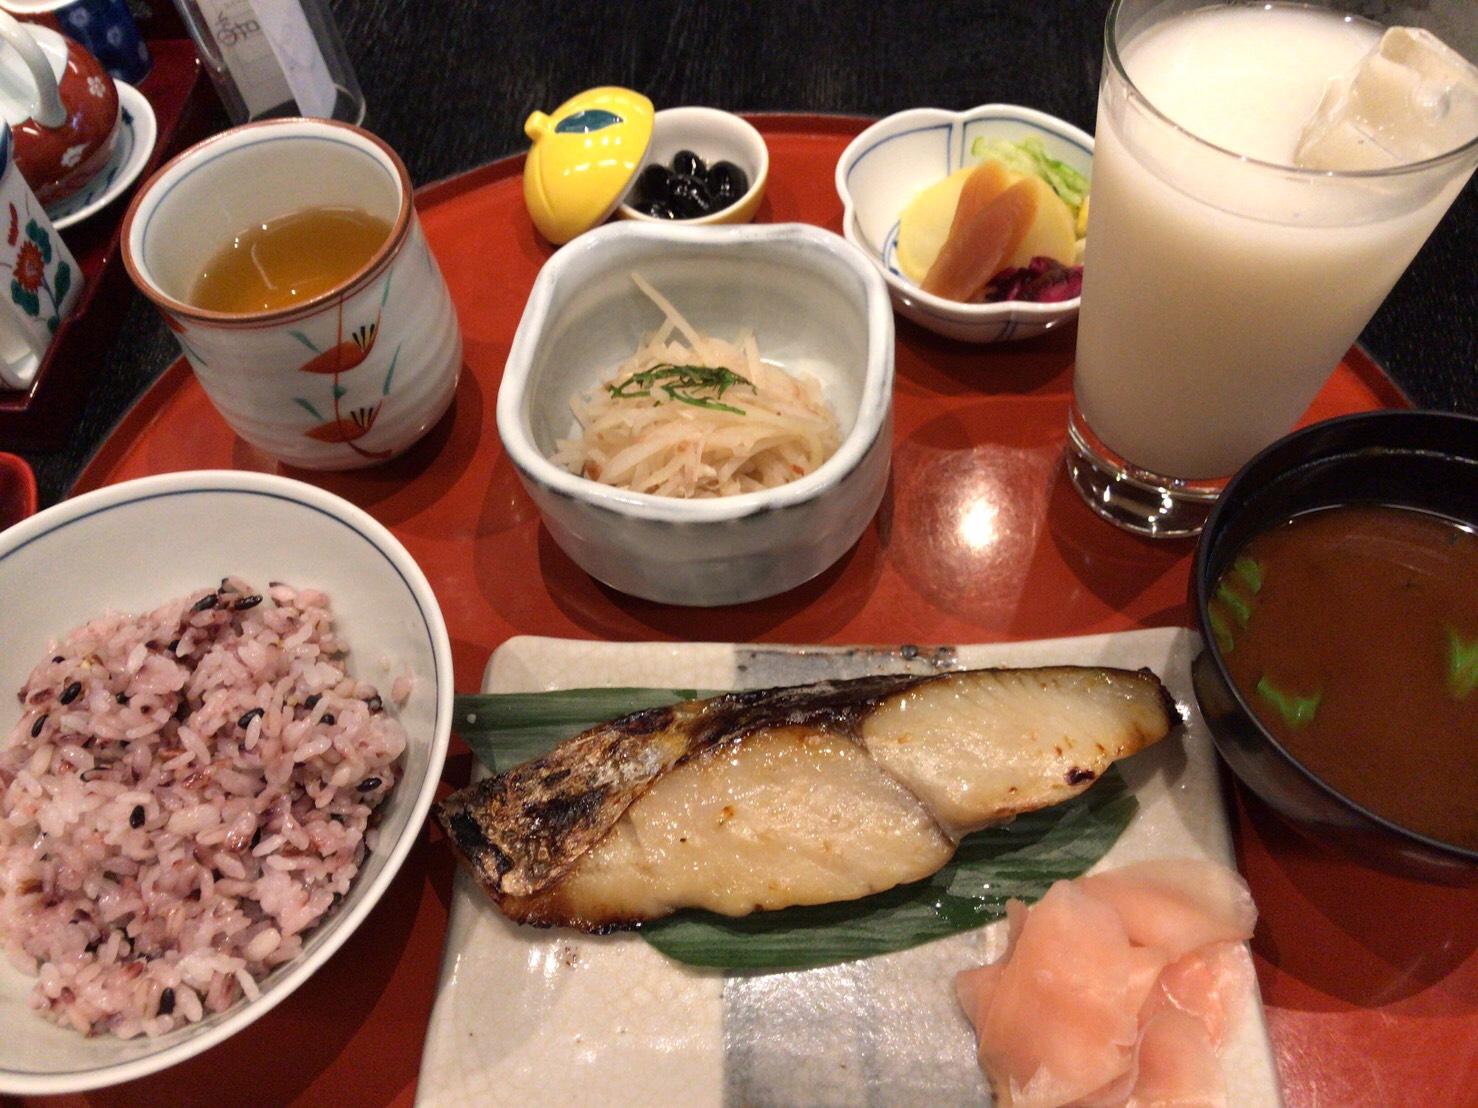 栄|100年以上続く「守口漬け」の技術が焼き魚で楽しめる!老若男女問わず人気の和食ランチ